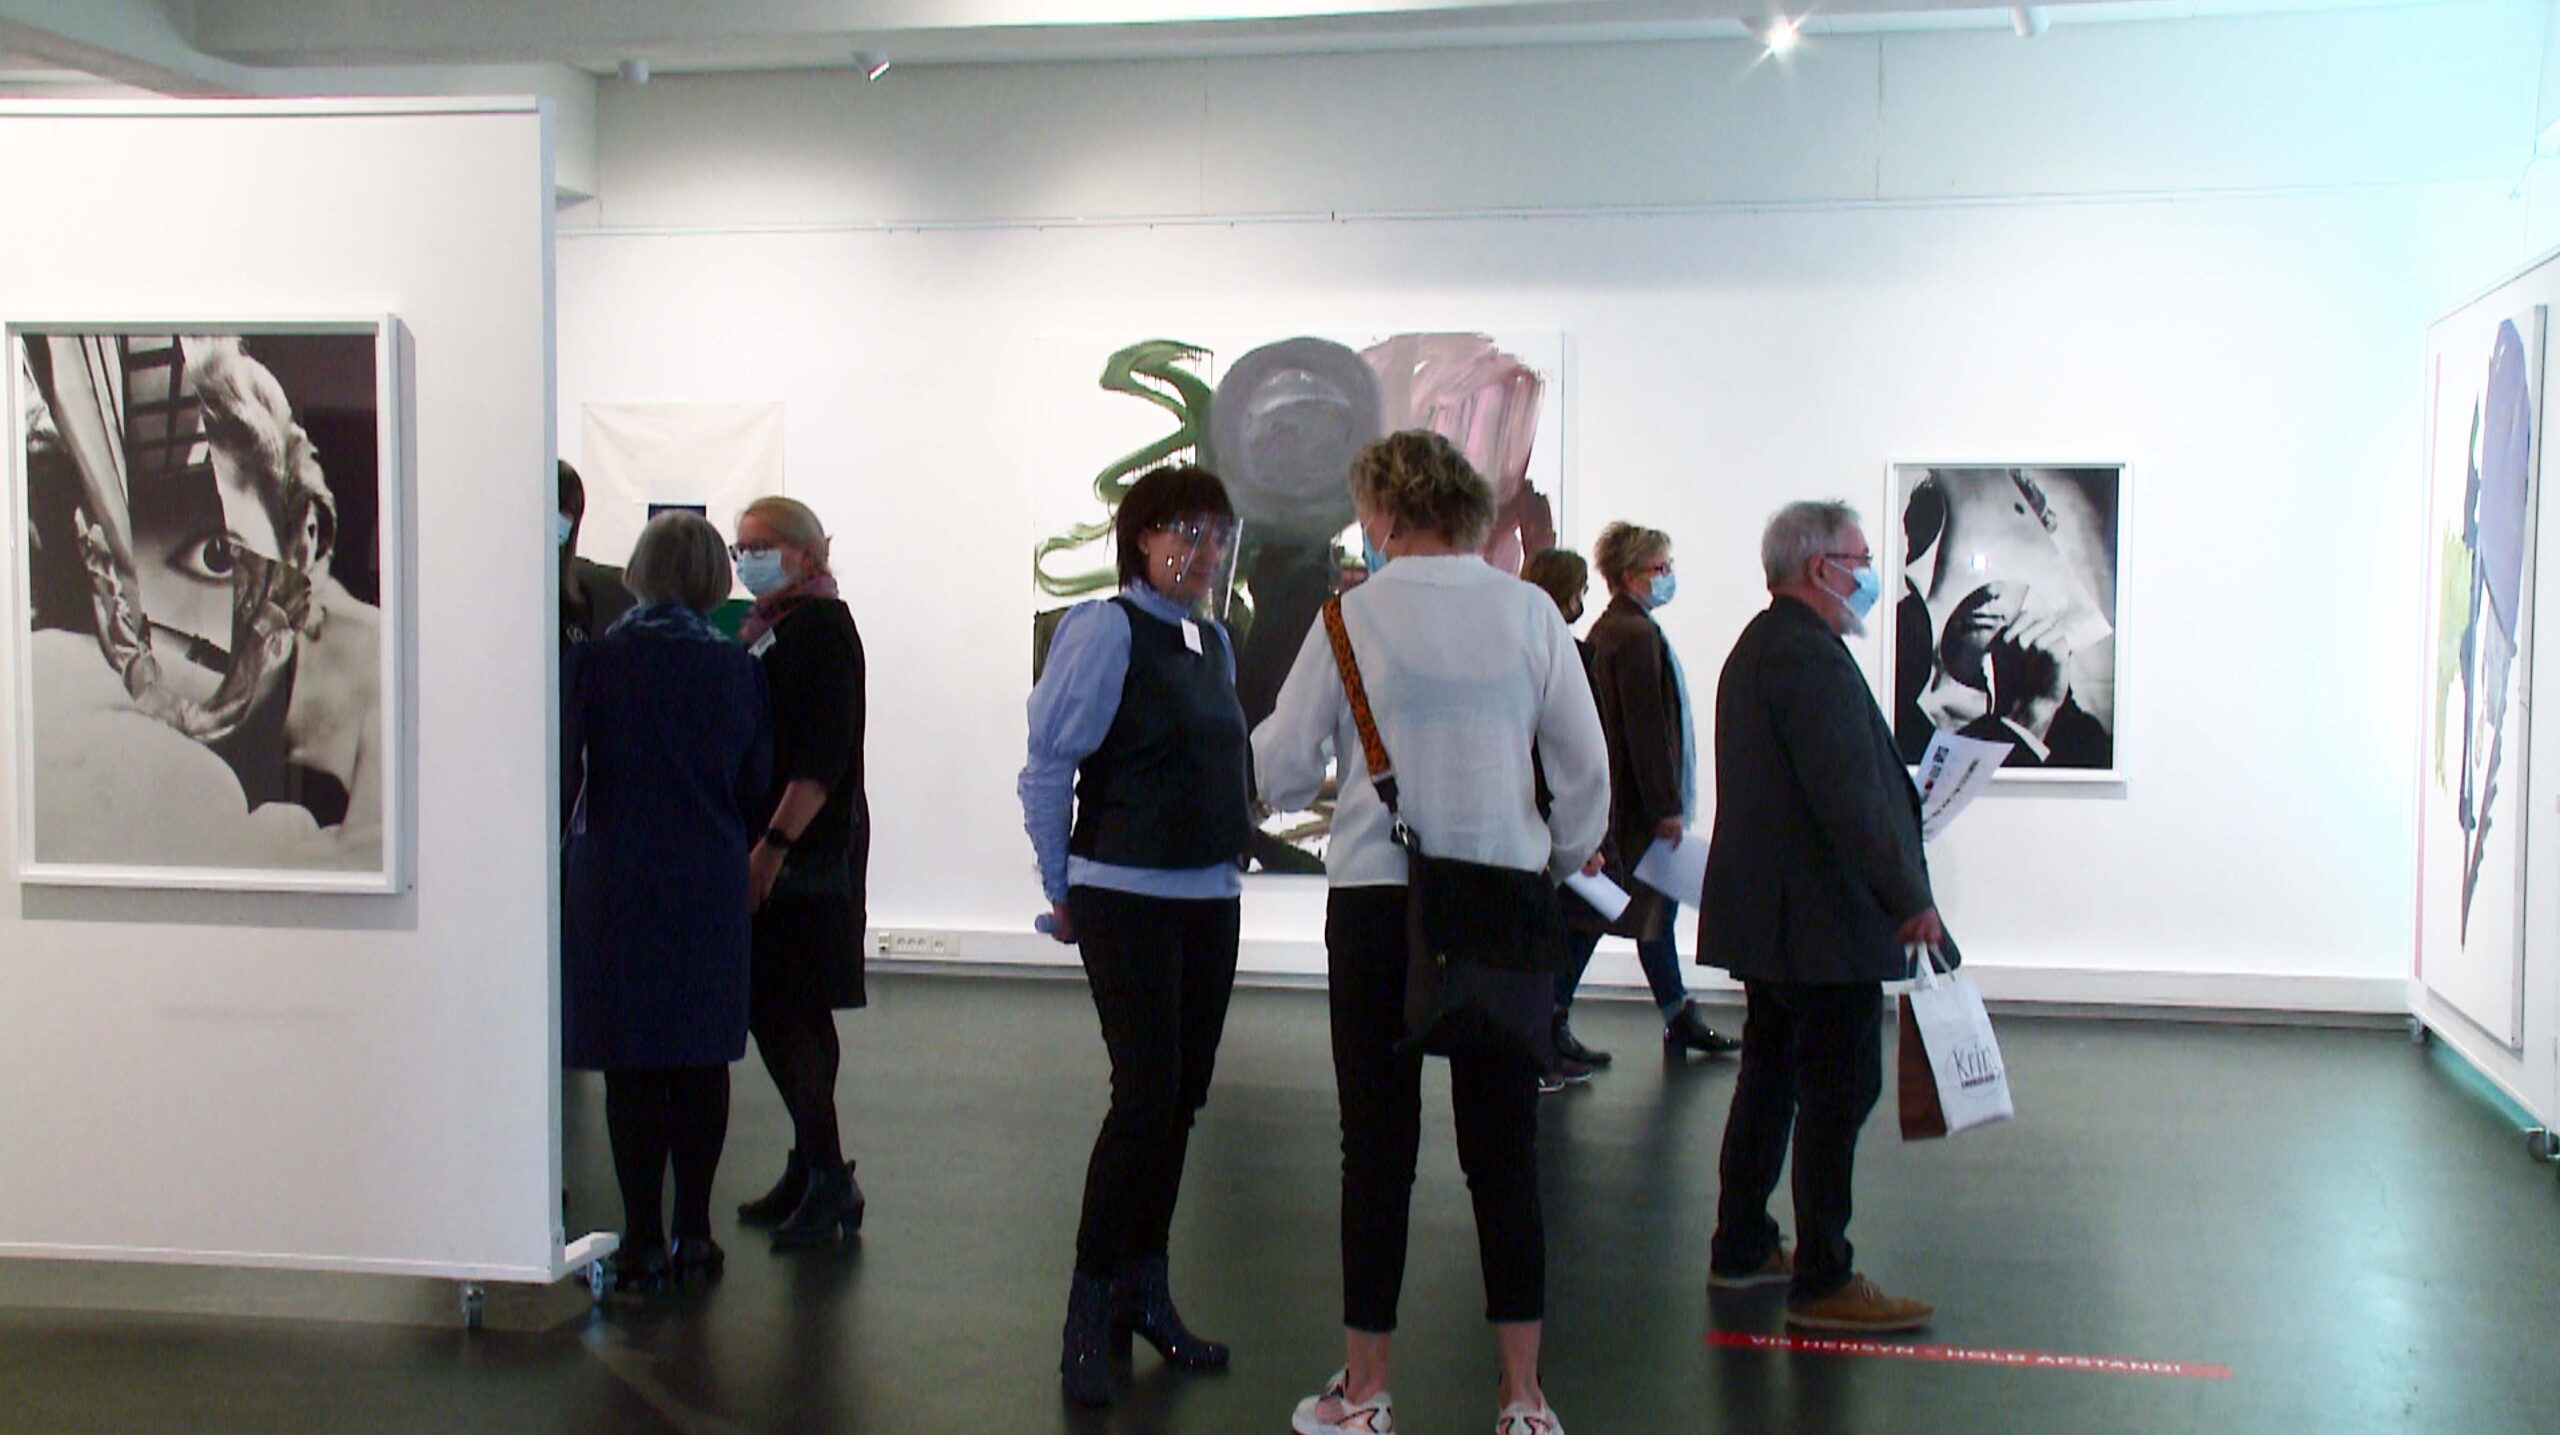 Så er der kunstudstilling igen - DanmarkC TV